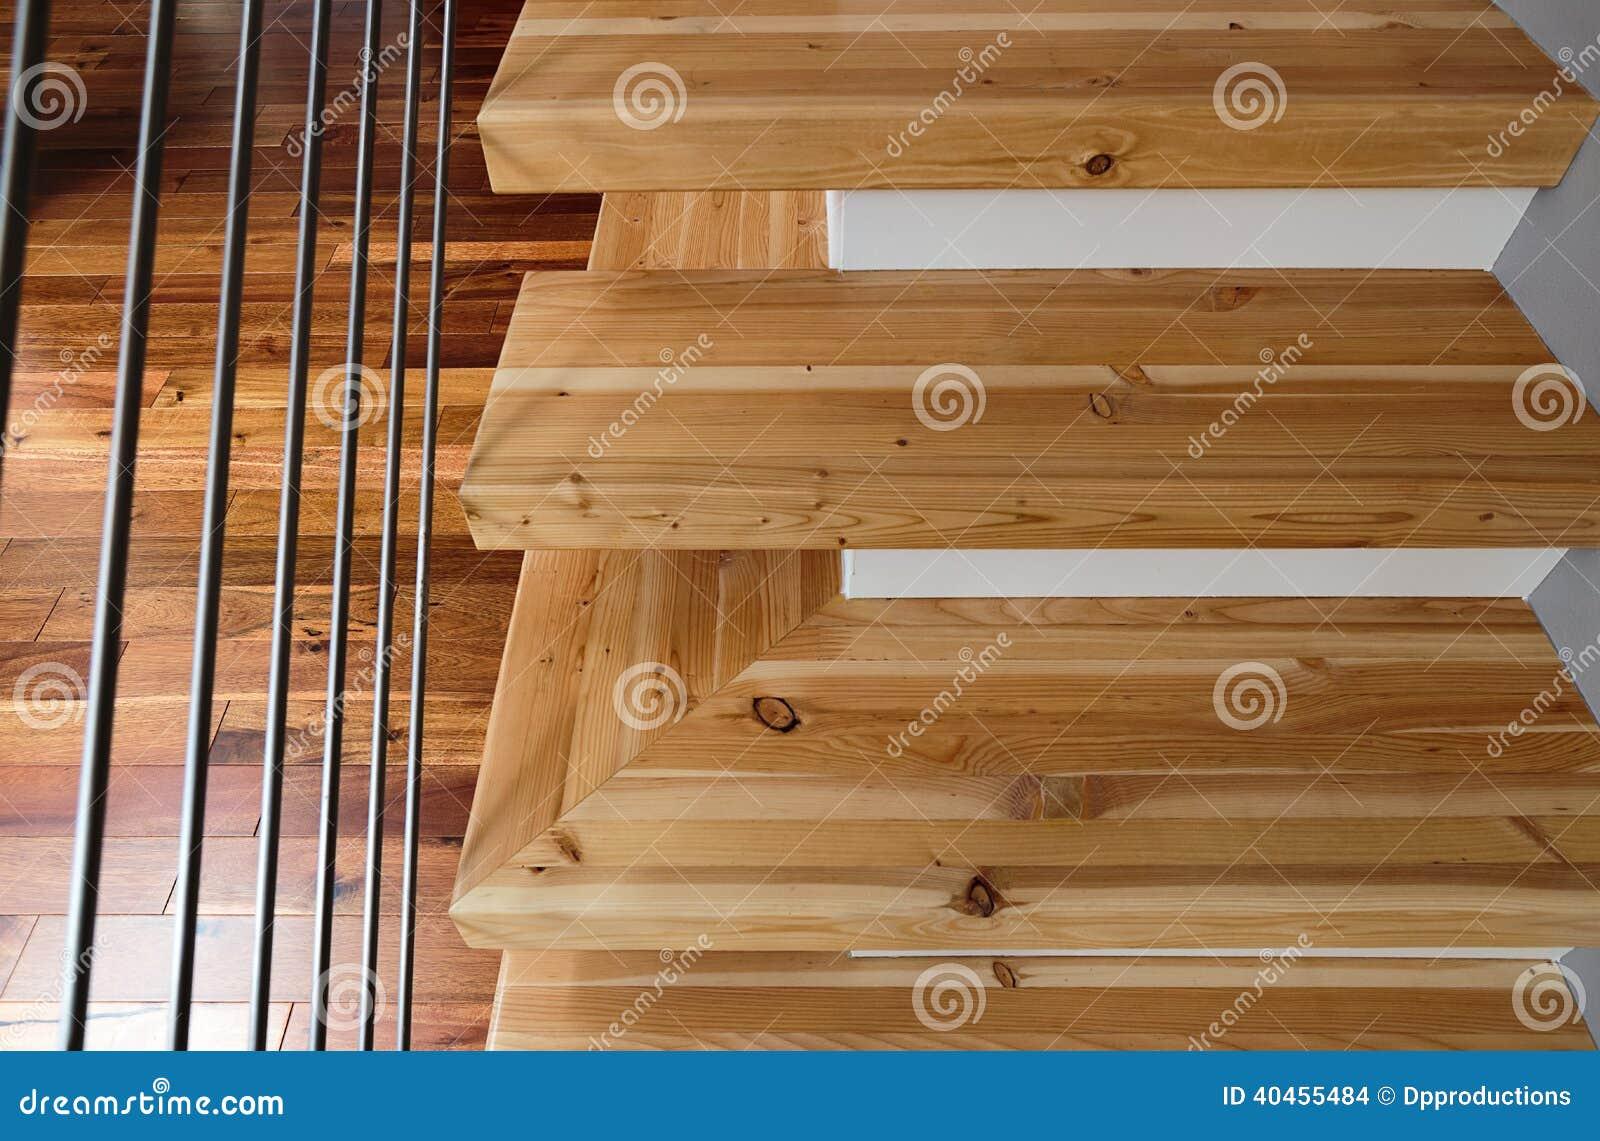 Tiro abstracto de escaleras de madera modernas foto de - Escaleras de madera modernas ...